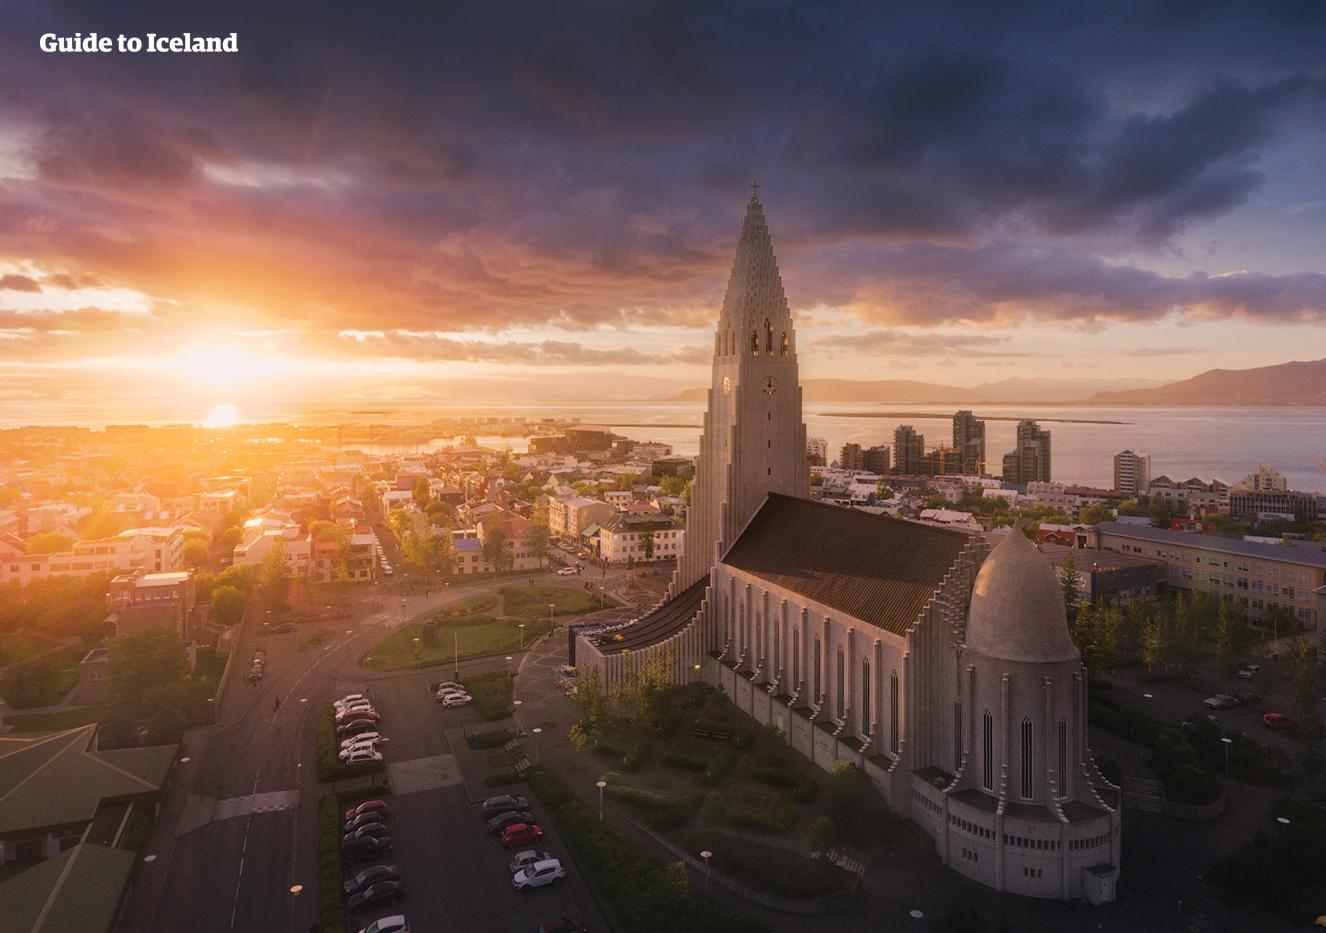 โบสถ์ฮัลล์กรีมสคิร์คยาได้ชื่อตามนักกวีชาวไอซ์แลนด์ที่ชื่อว่า ฮัลล์กรีมมูร์ เพททูสัน